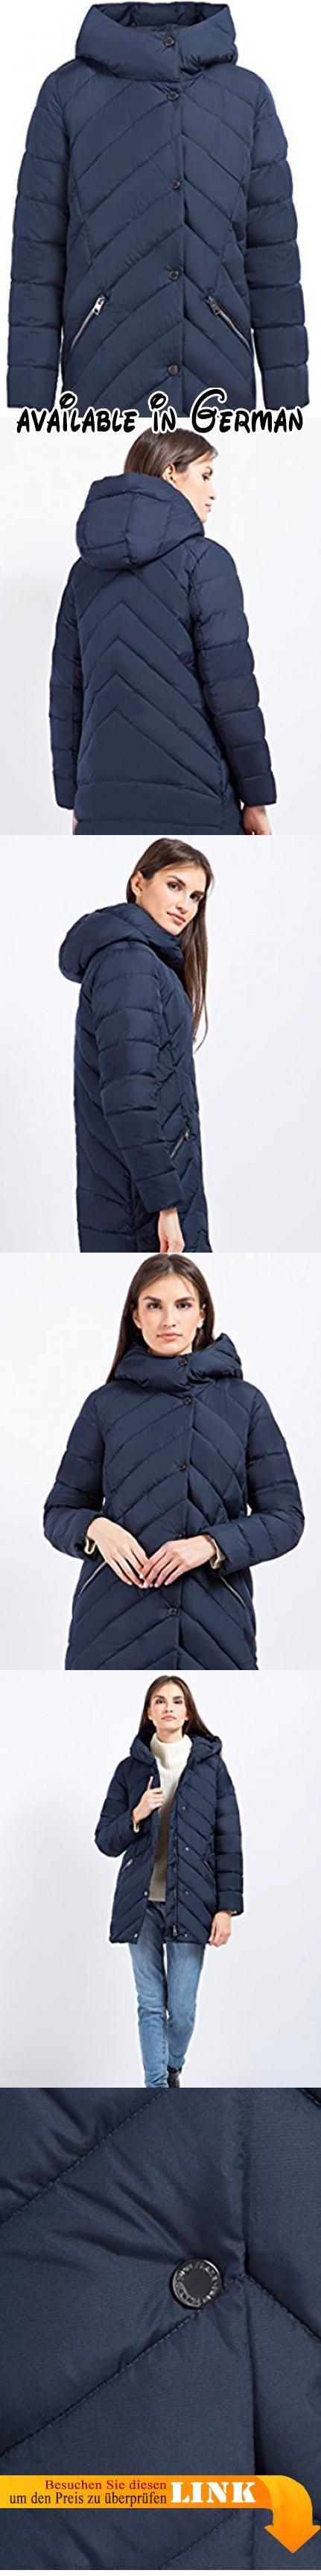 B07793QND8 : Finn Flare Damen Daunenjacke mit diagonalem Steppmuster Cosmic blue L. Modische Daunenjacke für den Winter. Aus leichtem und strapazierfähigem Polyester. Bequemer gerader Schnitt und gesteppte Optik. Hochschließender Kragen mit Kapuze. Mit einem Reißverschluss und Knöpfen